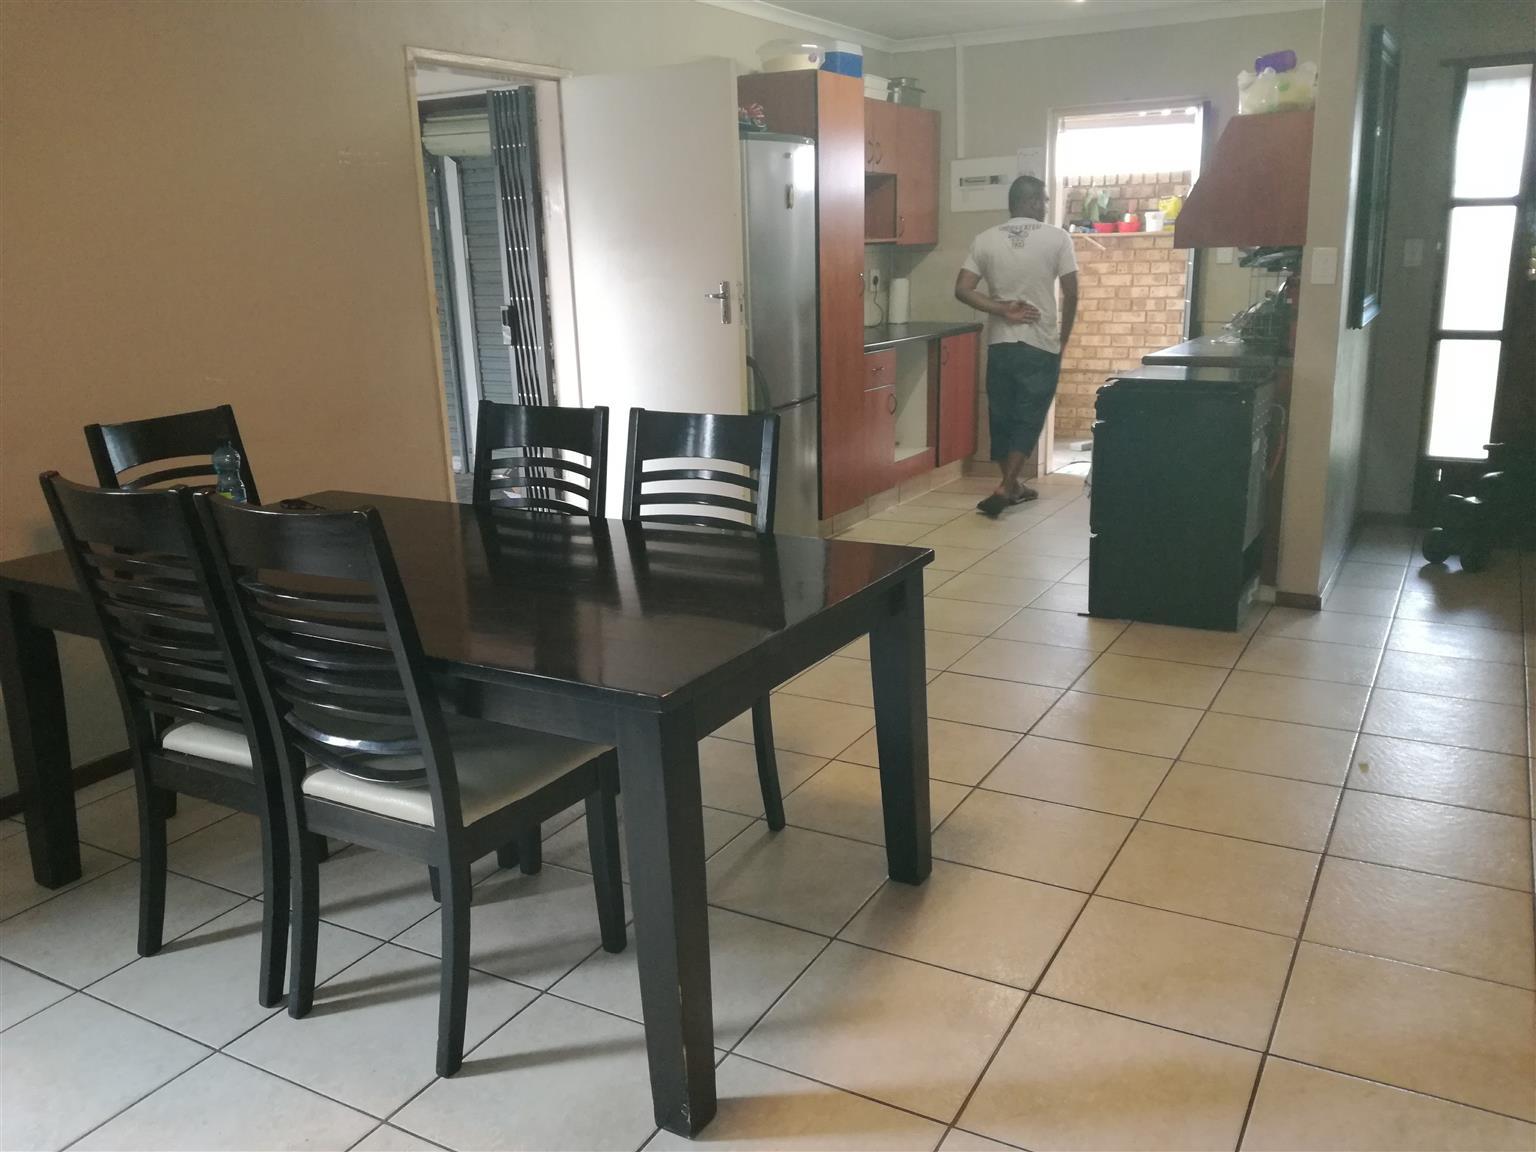 3 Bedroom Cluster in Kempton Park to rent- R9 000 neg